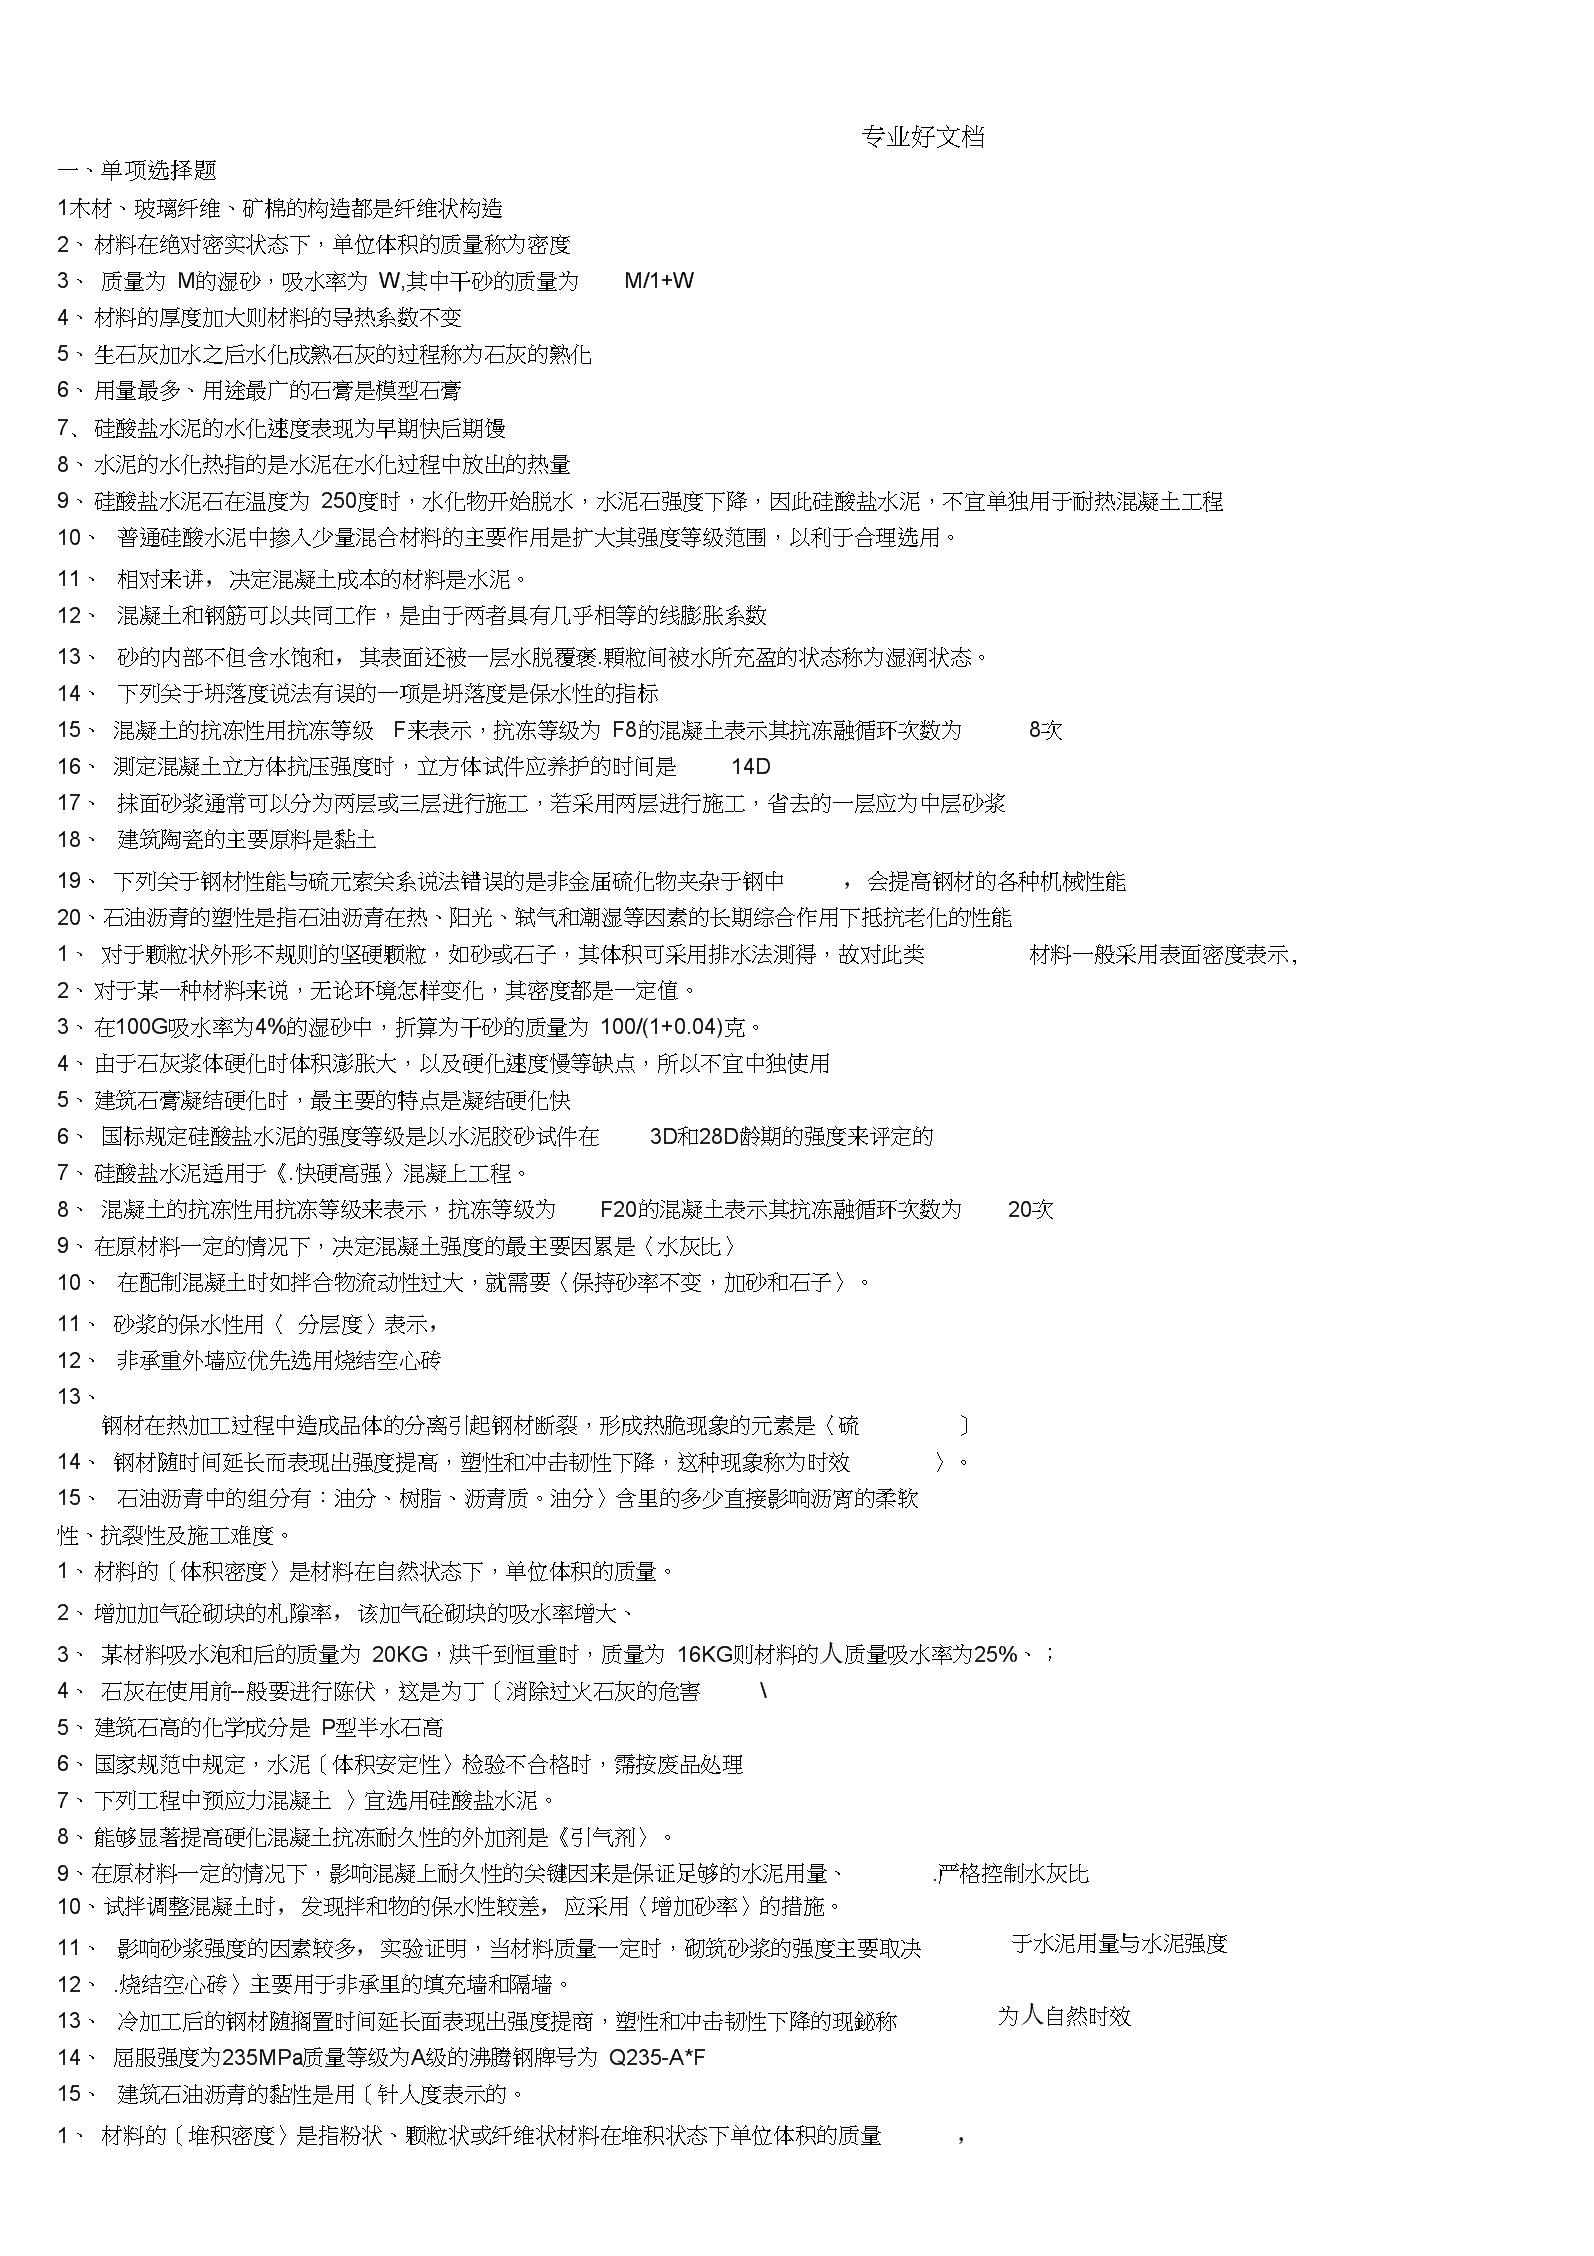 2015年电大建筑构造复习资料小抄微缩直接打印版.docx